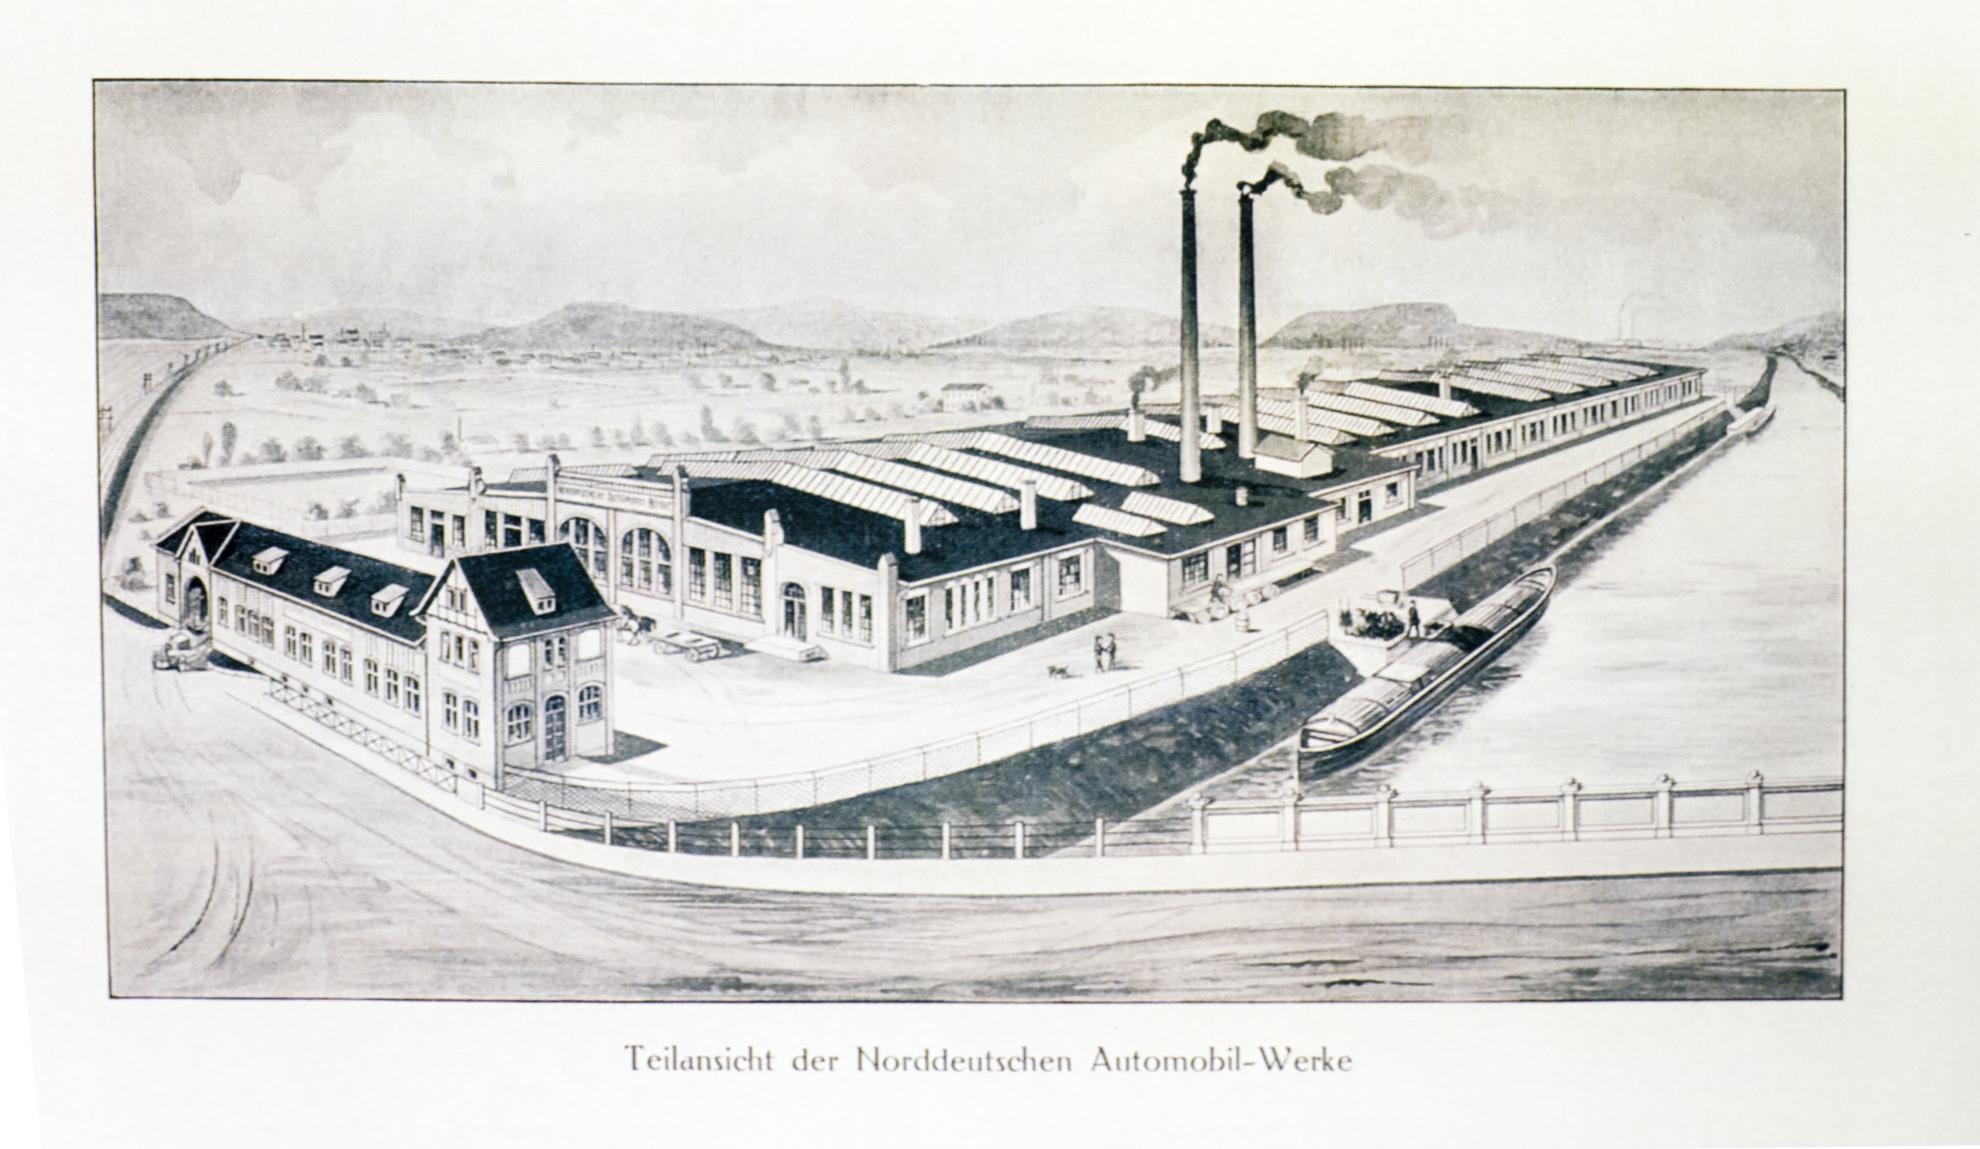 Historie der Hamelner Fahrzeuggeschichte - Museum der Hamelner ...